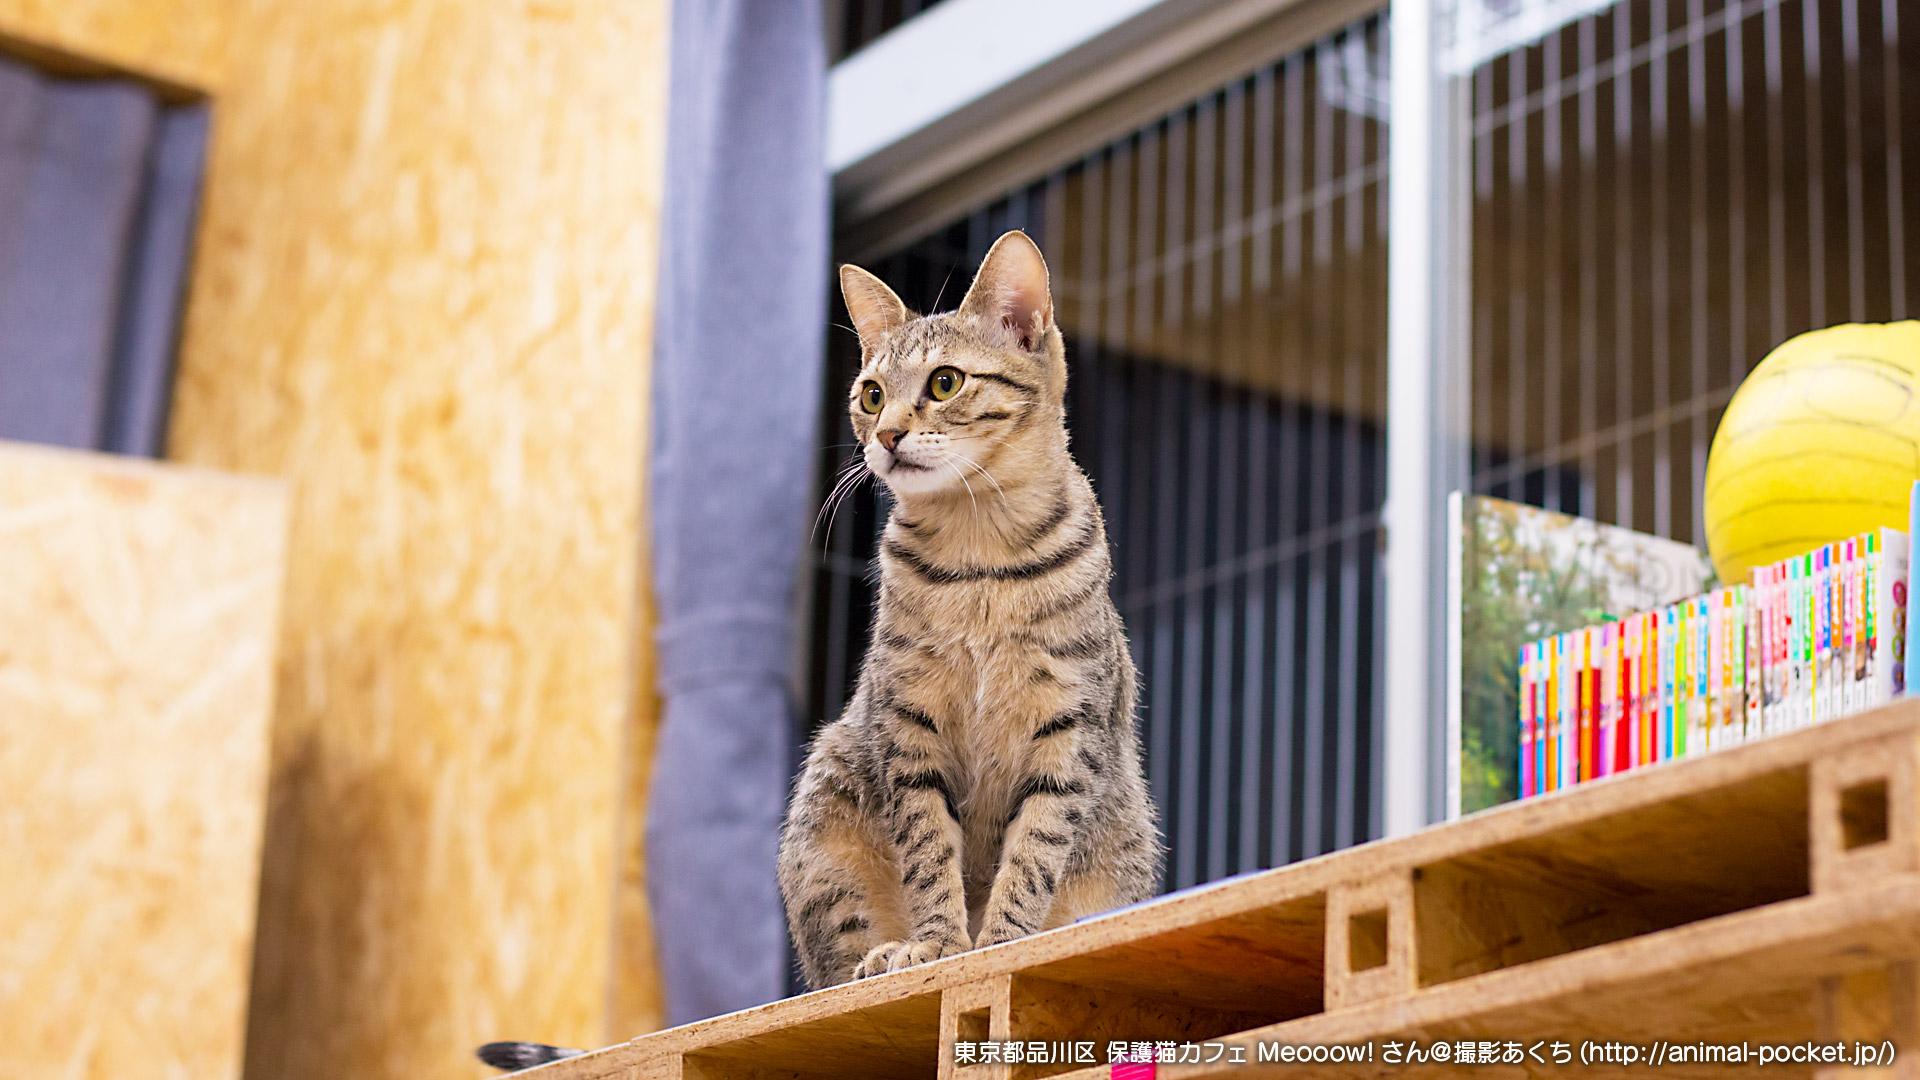 猫カフェ「保護猫カフェ Meooow!(ミャーーーオ)」